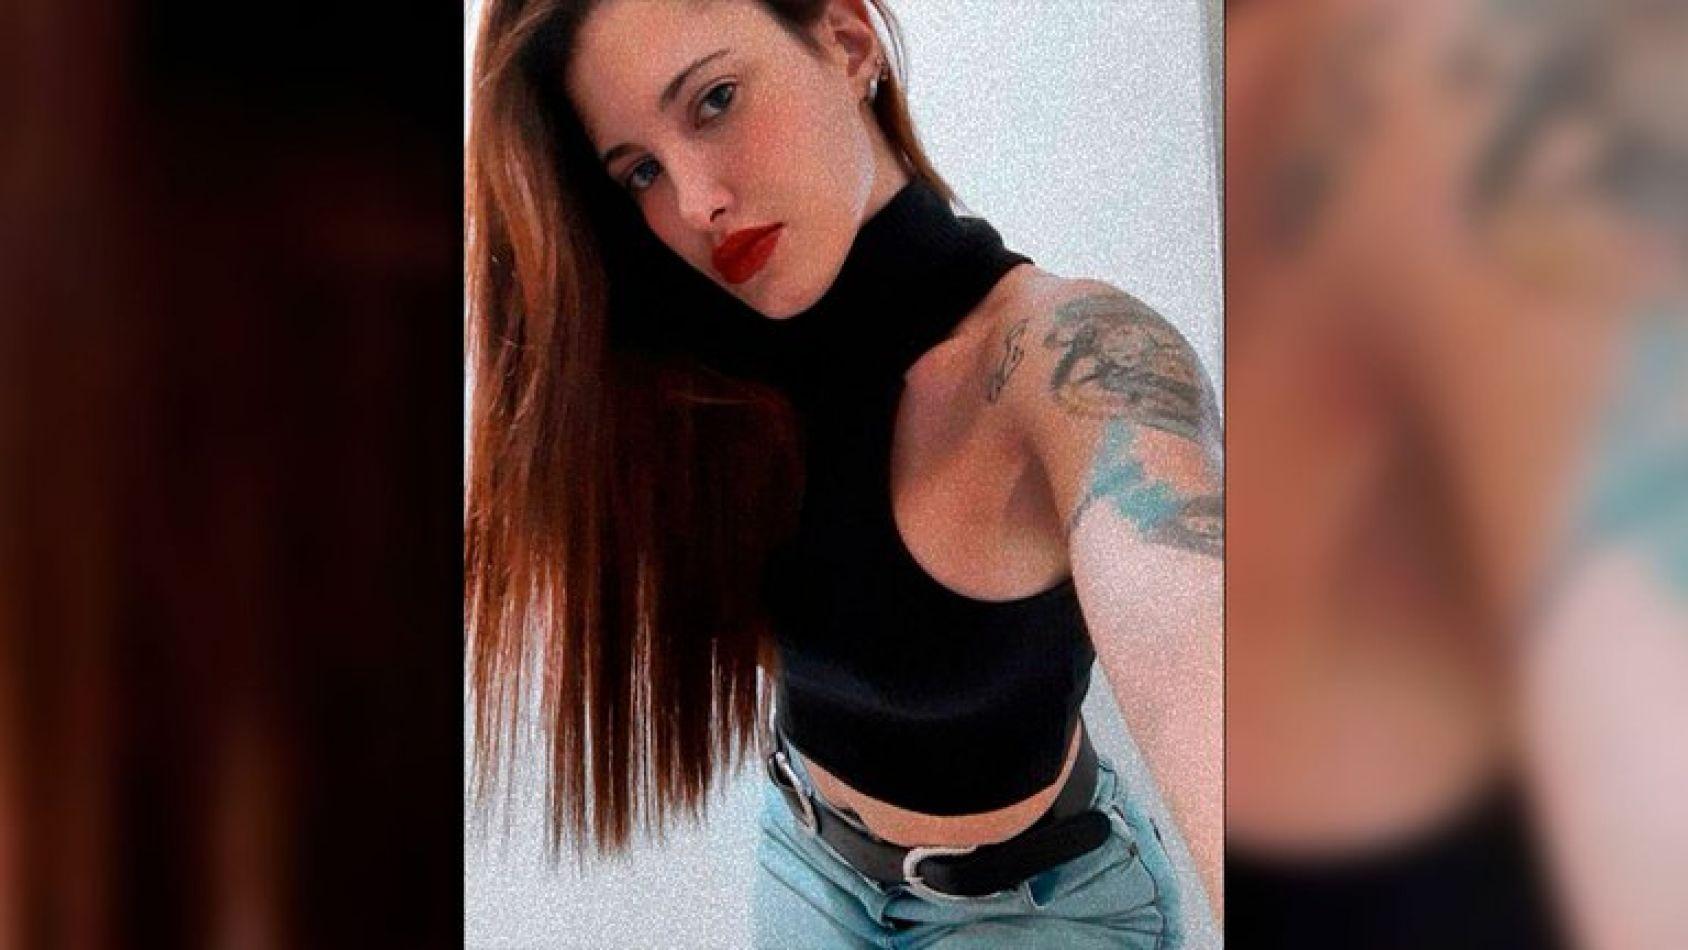 Pidieron 5 años de cárcel para el tatuador acusado de pornoextorsión y mañana será el veredicto: habla su víctima